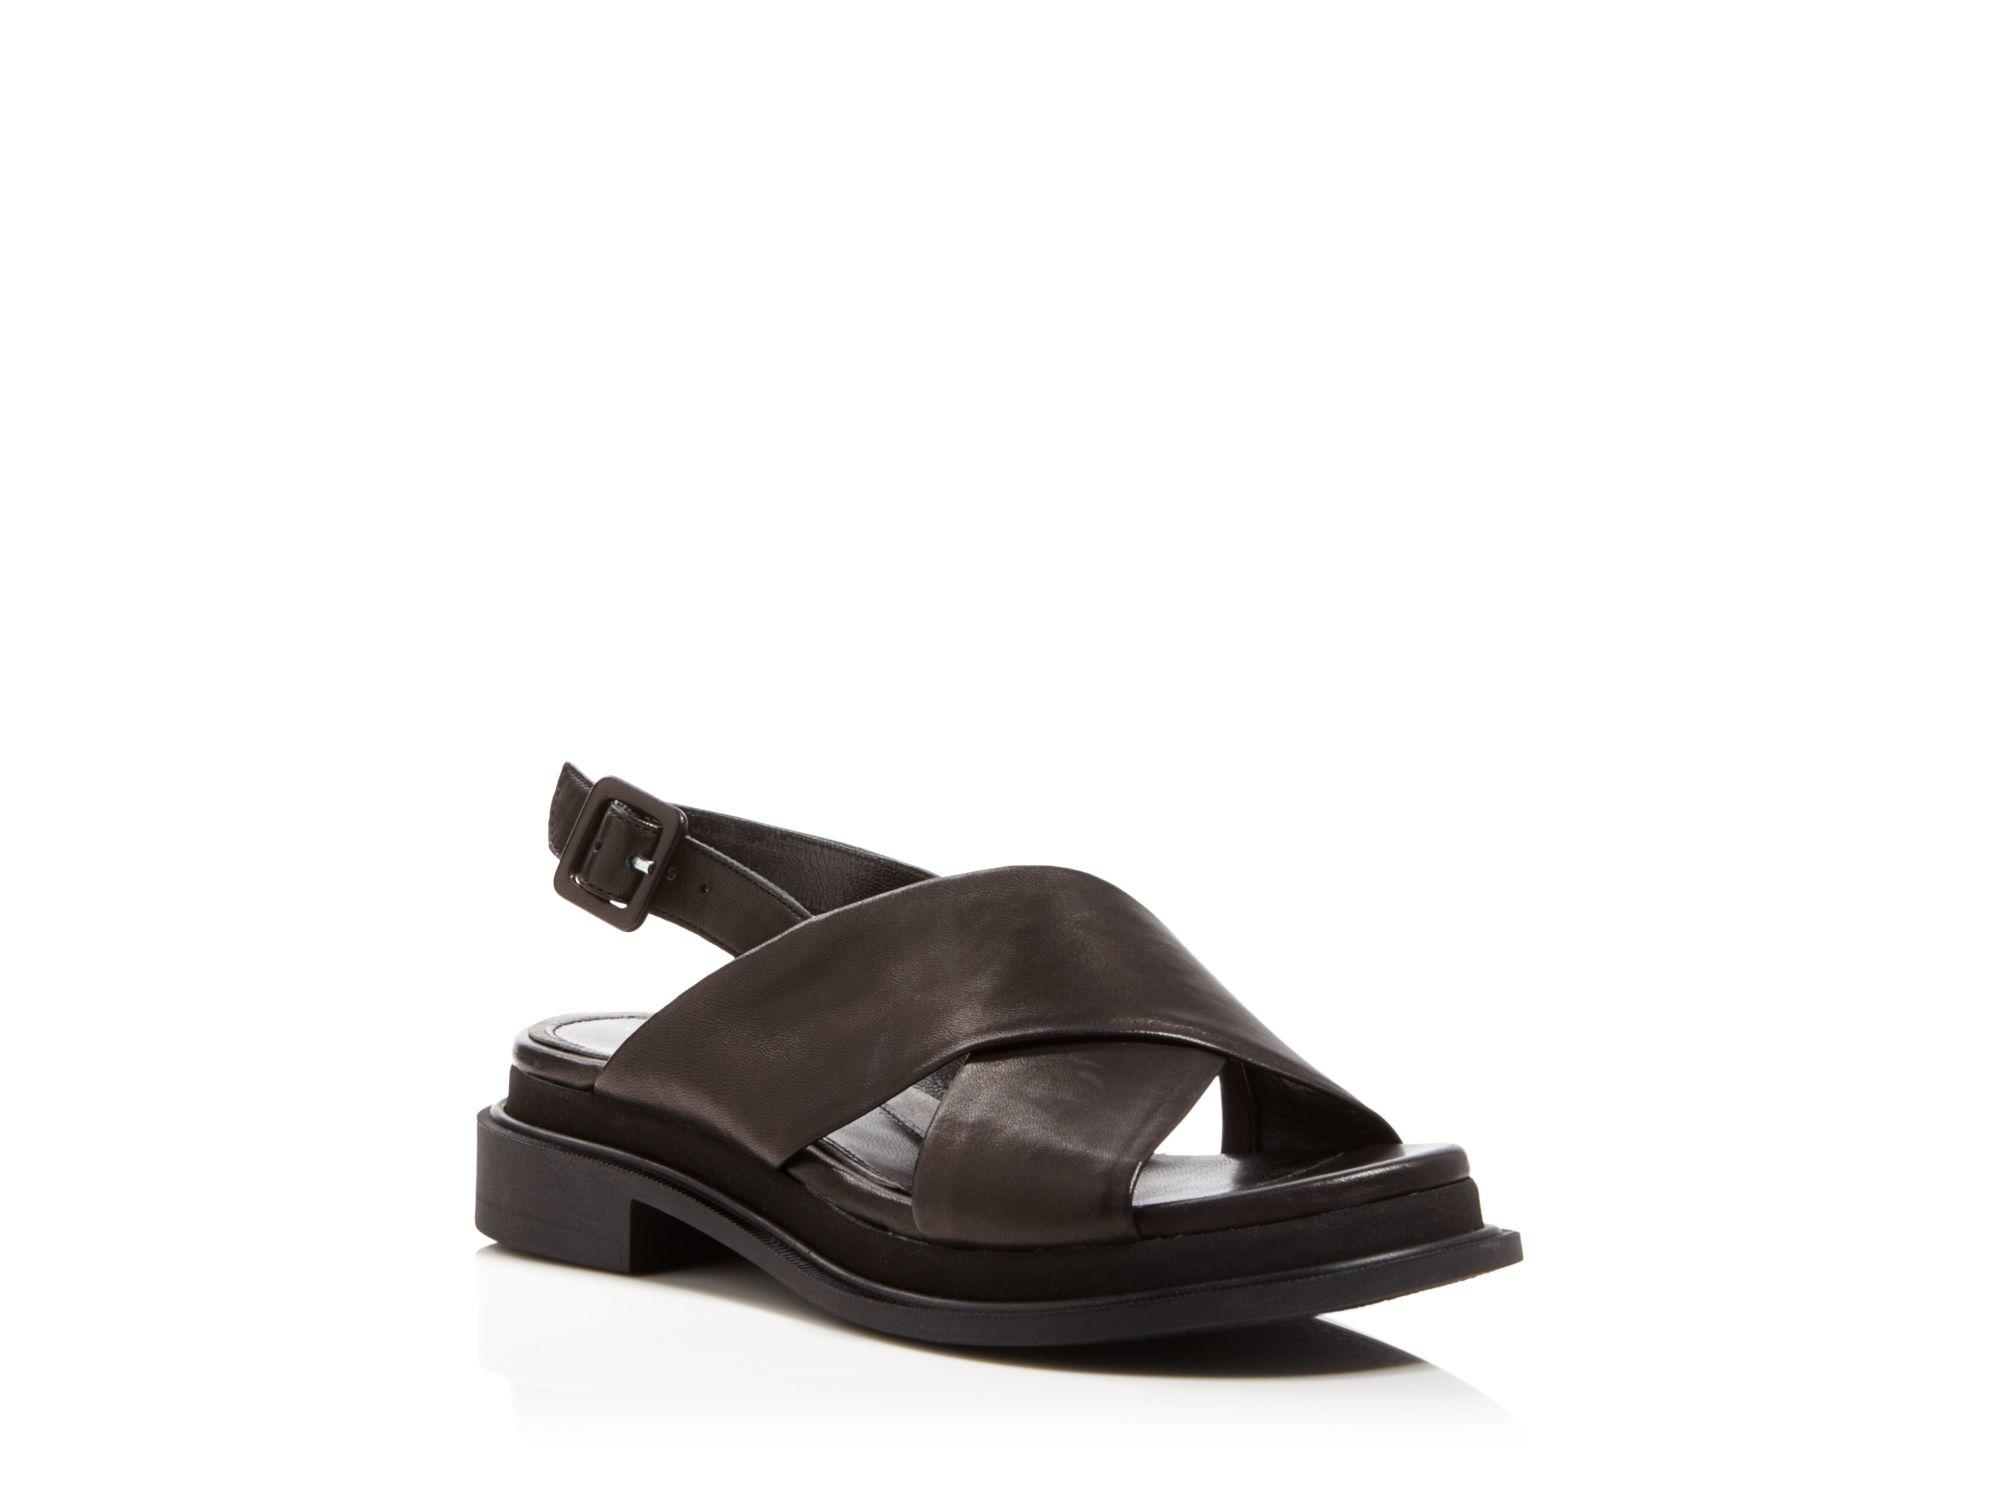 robert clergerie open toe platform sandals caliente in